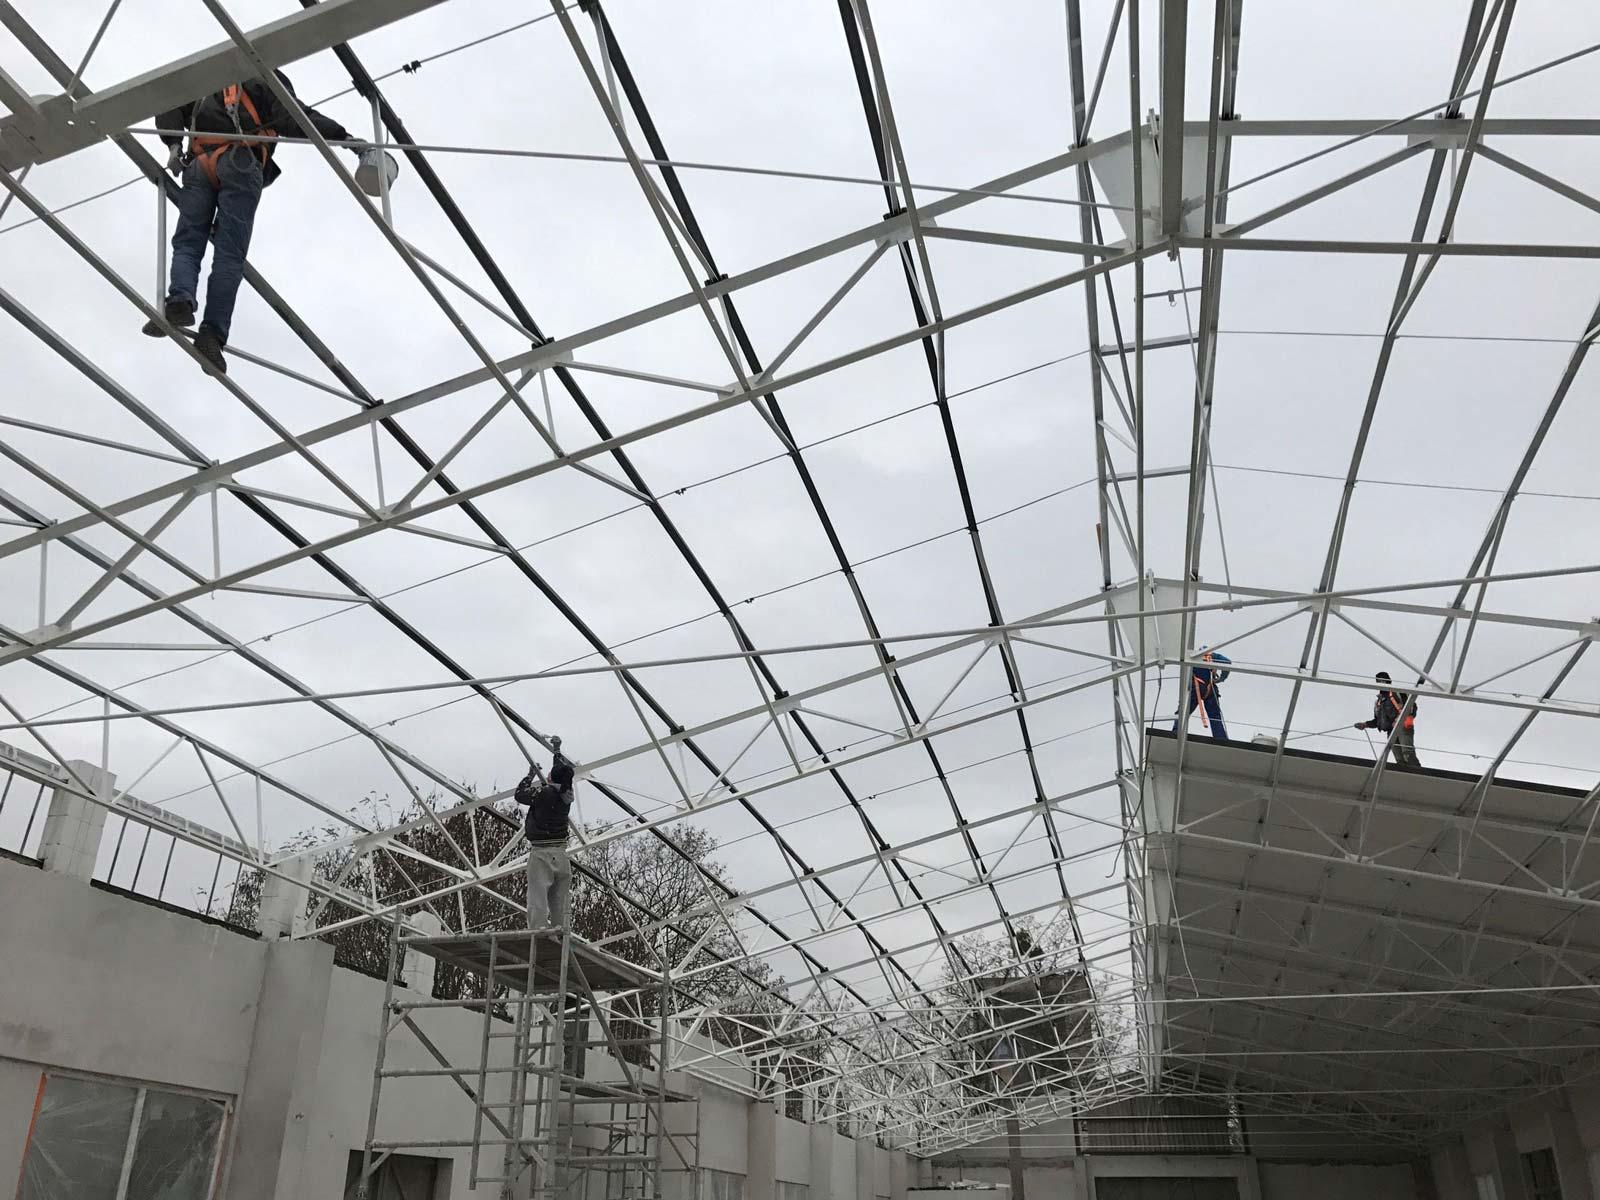 neues Dach für die Halle